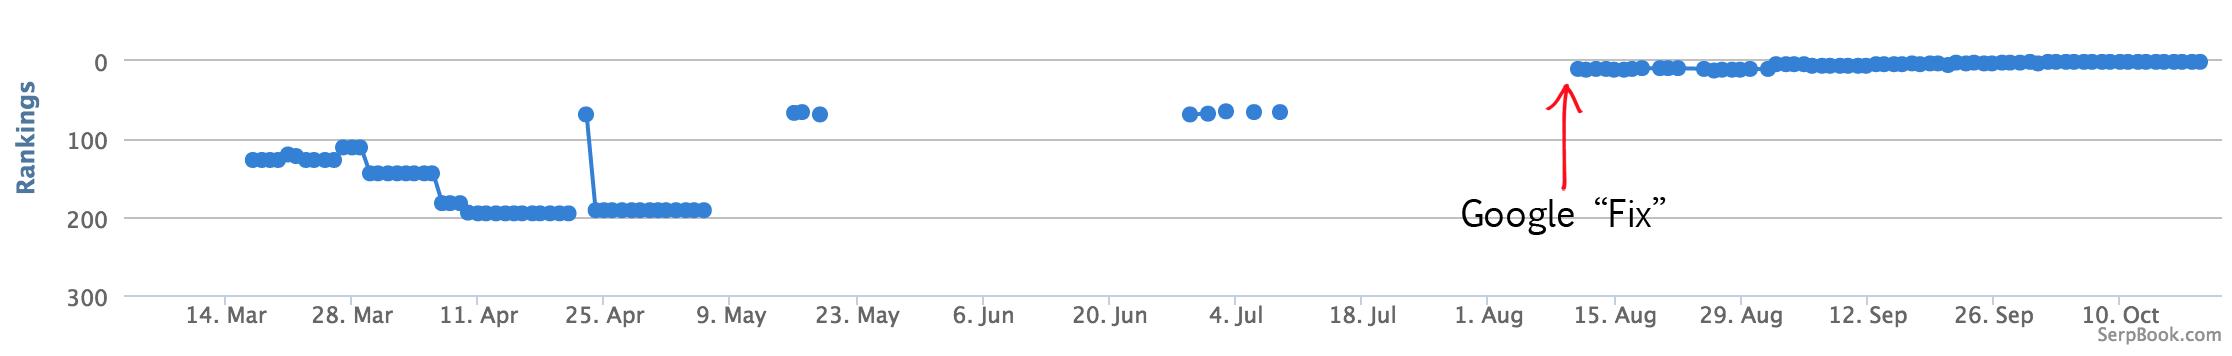 В криптопочте ProtonMail зарегистрировано уже 5 млн аккаунтов - 4